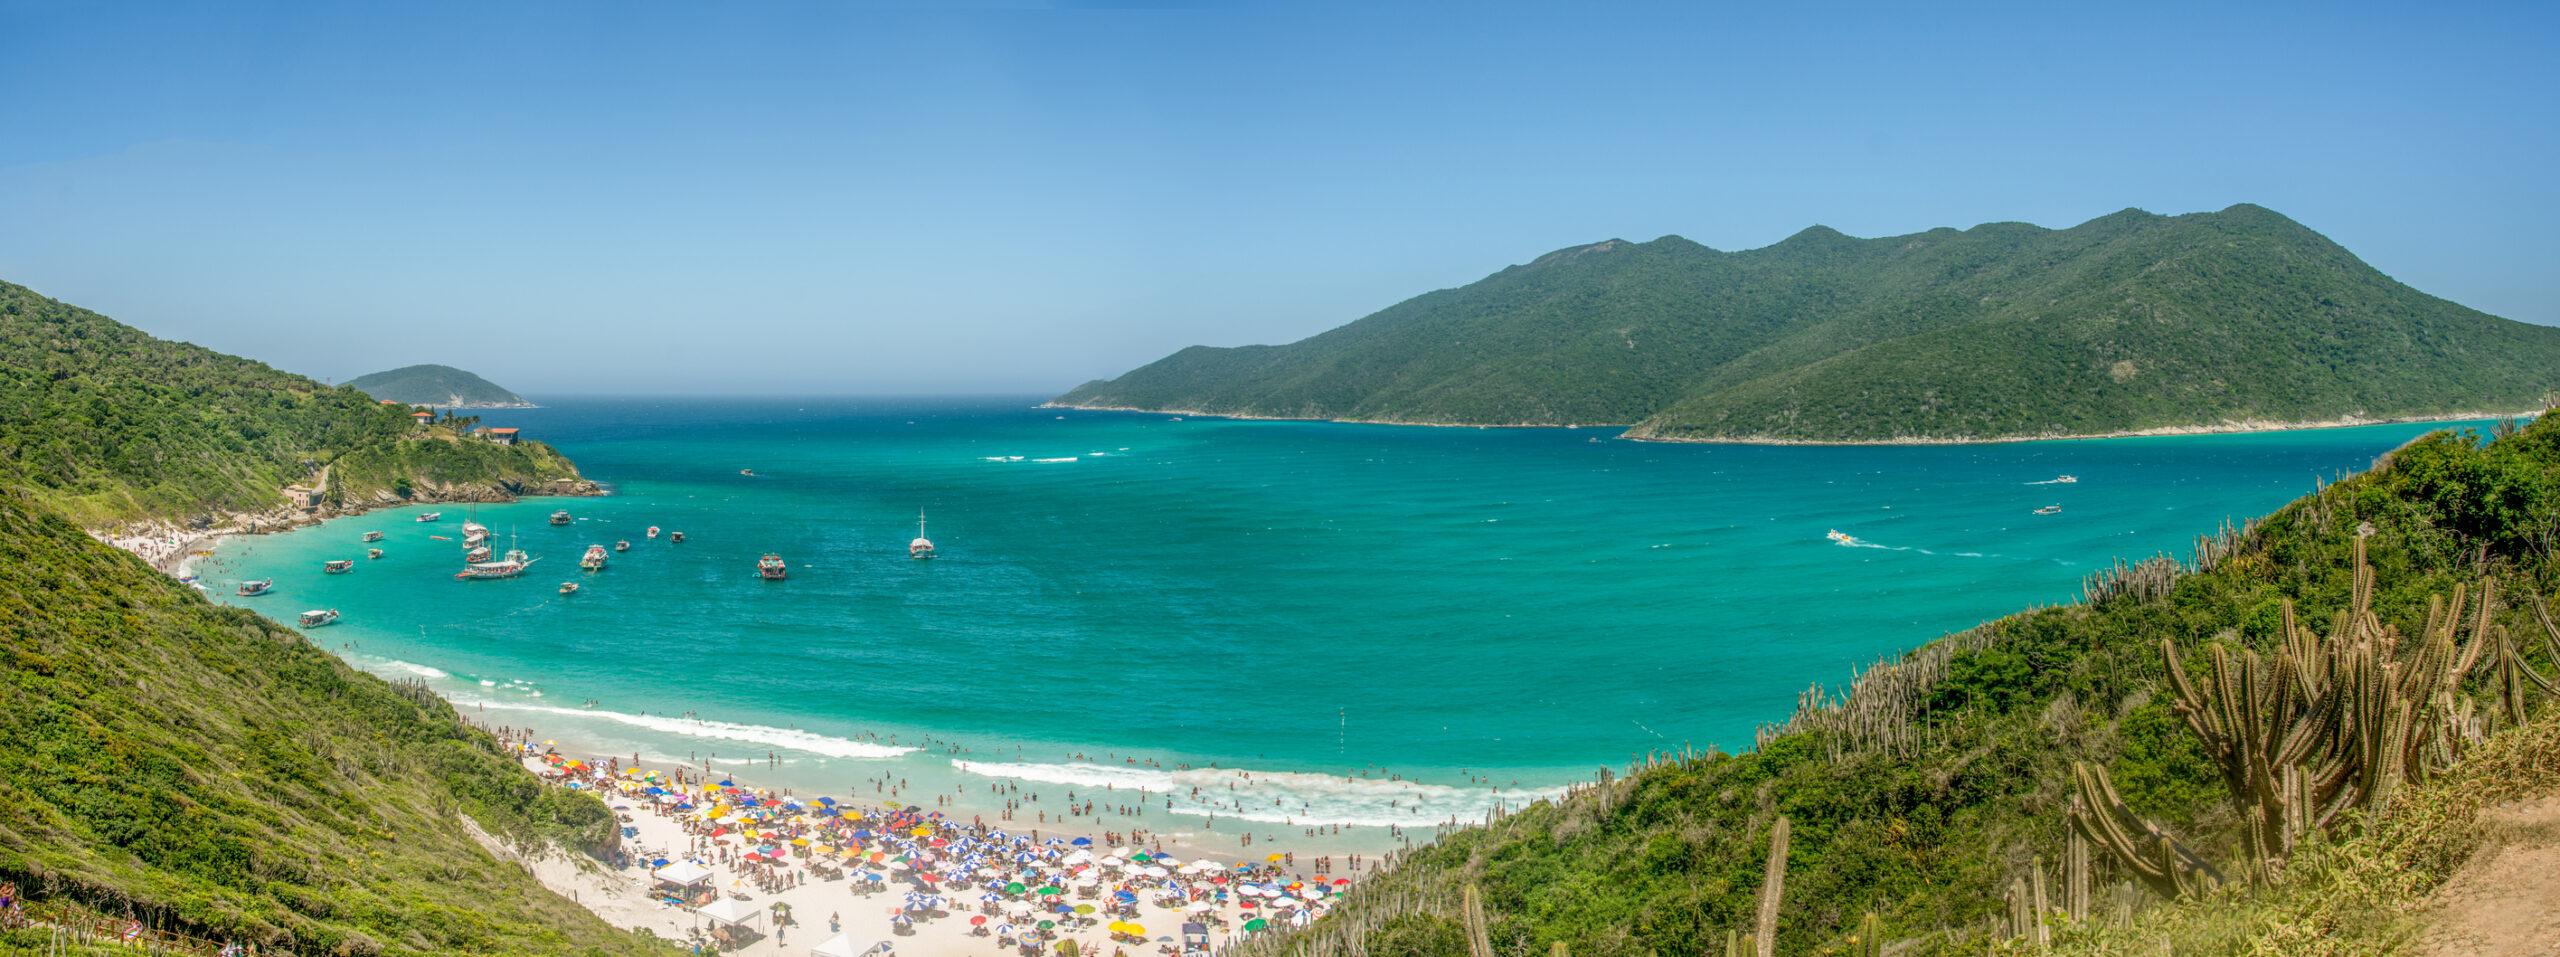 Caribe brasileño, un paraíso sobre la tierra